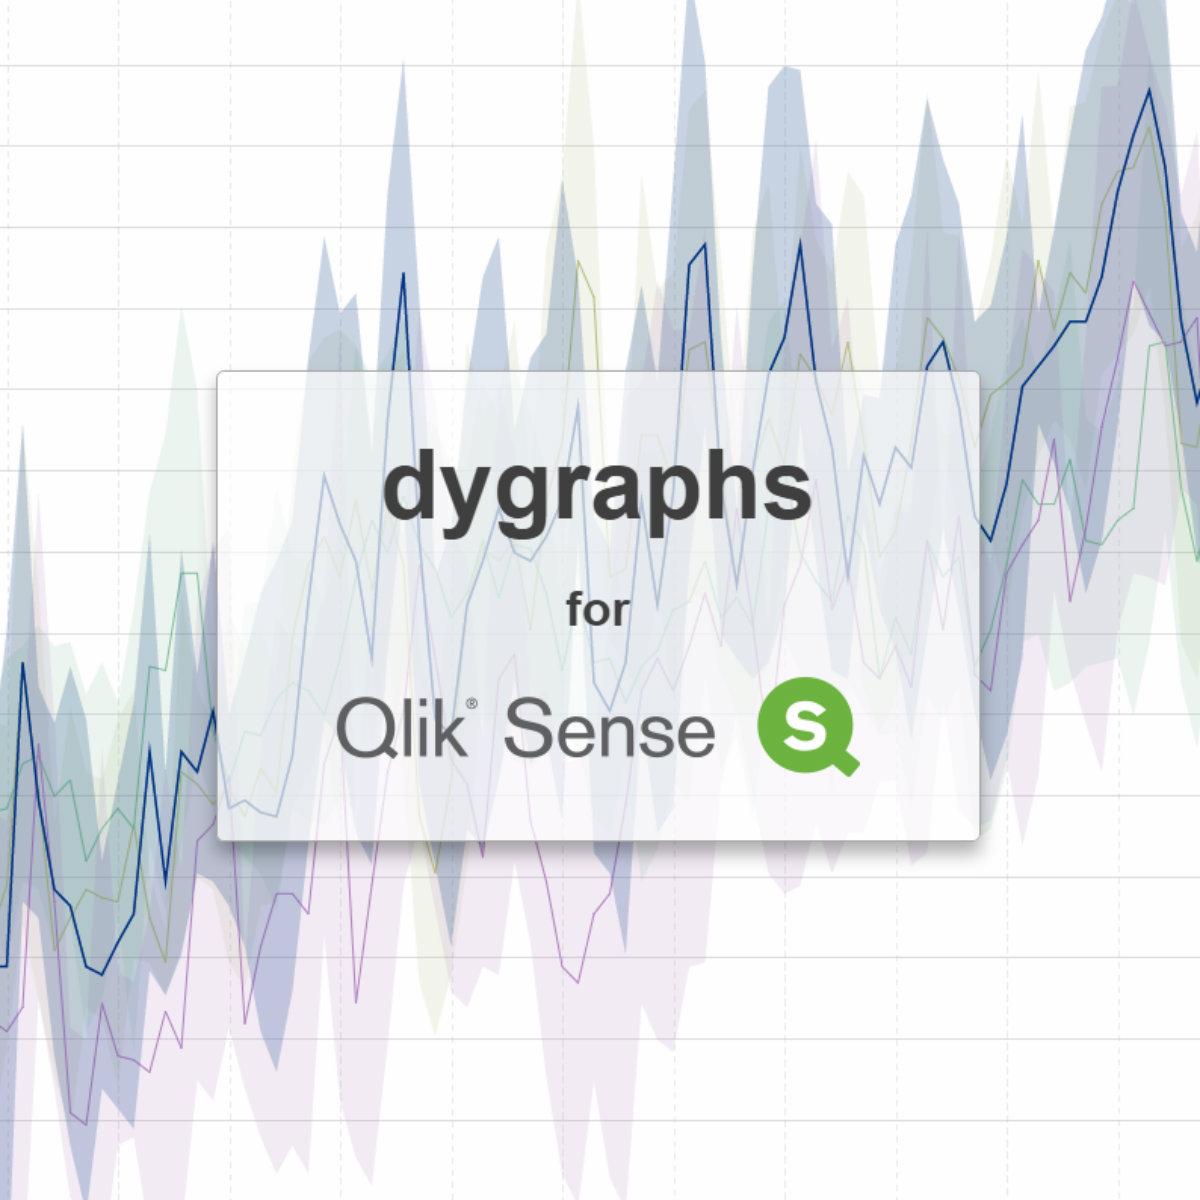 Usage   dygraphs for Qlik Sense